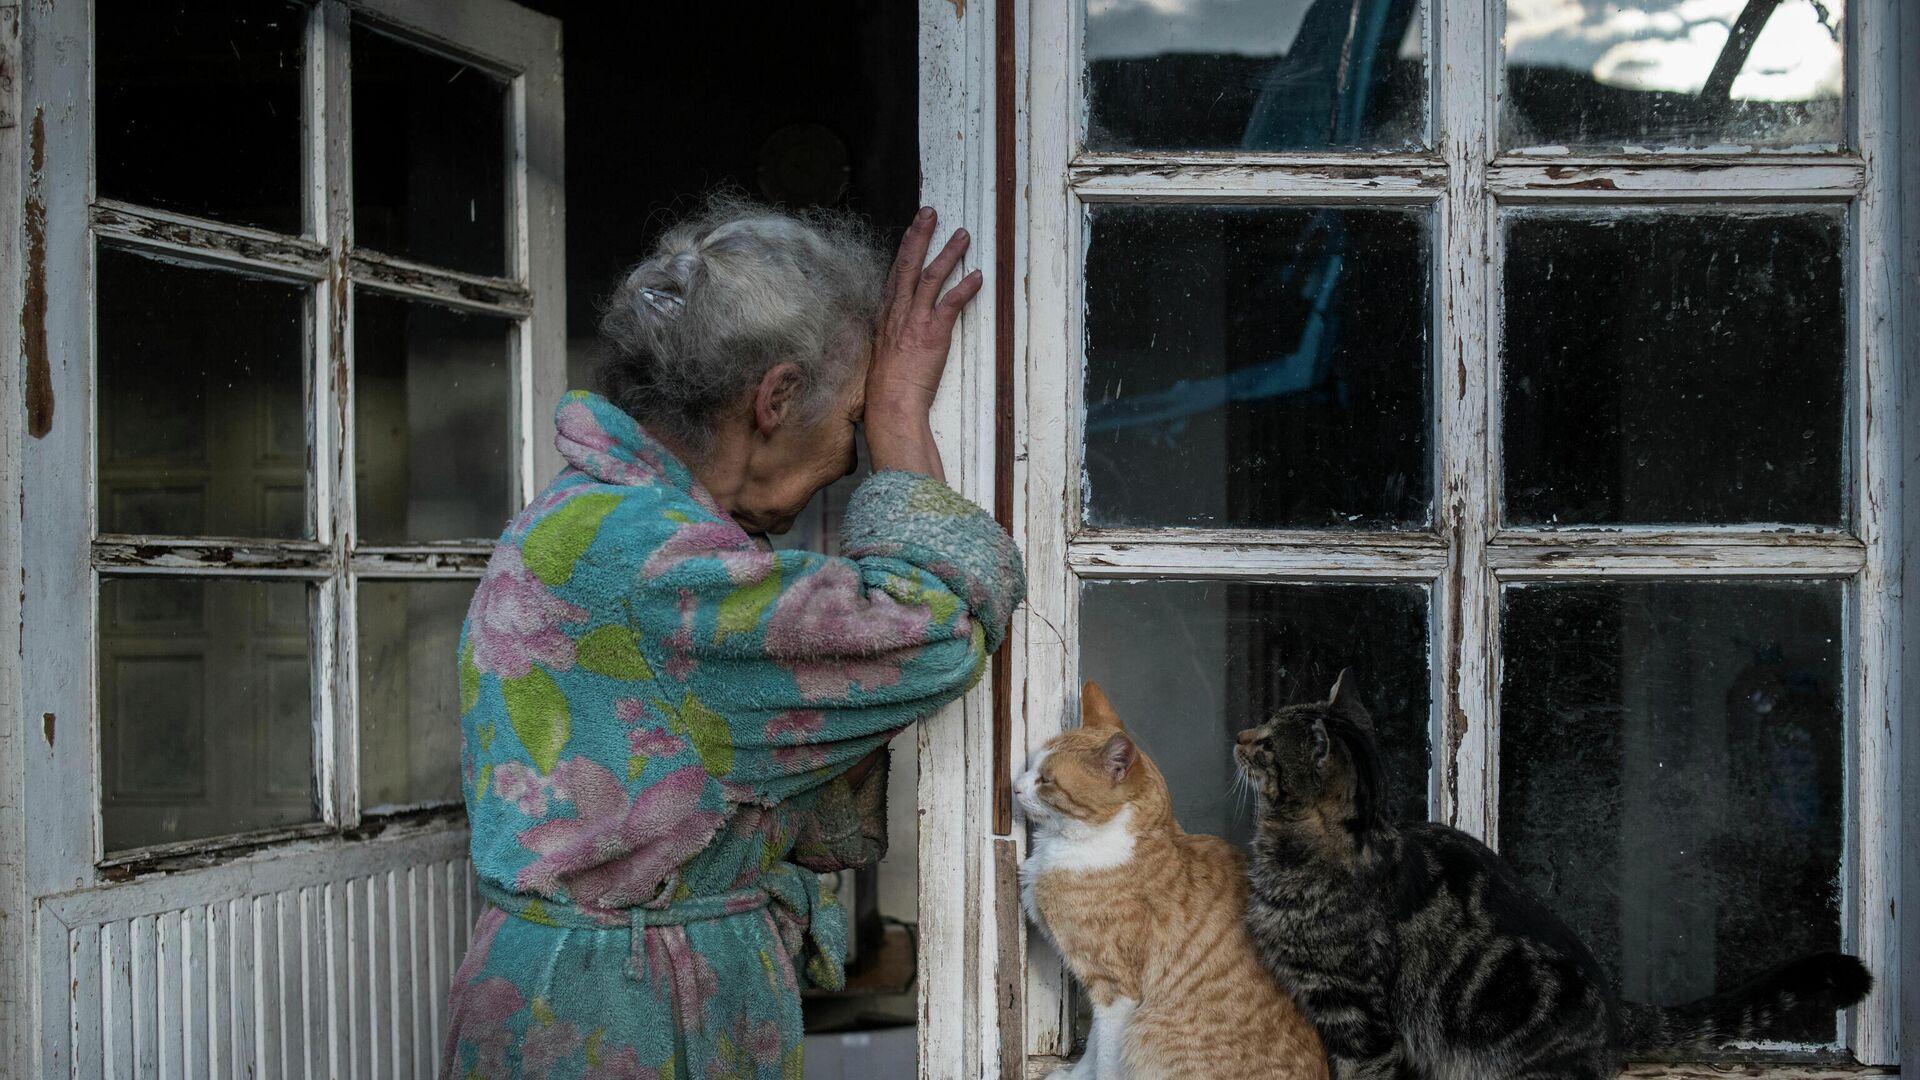 Абовян Асмик плачет в дверях своего дома в селе Неркин Сус, Нагорный Карабах - Sputnik Mundo, 1920, 11.03.2021